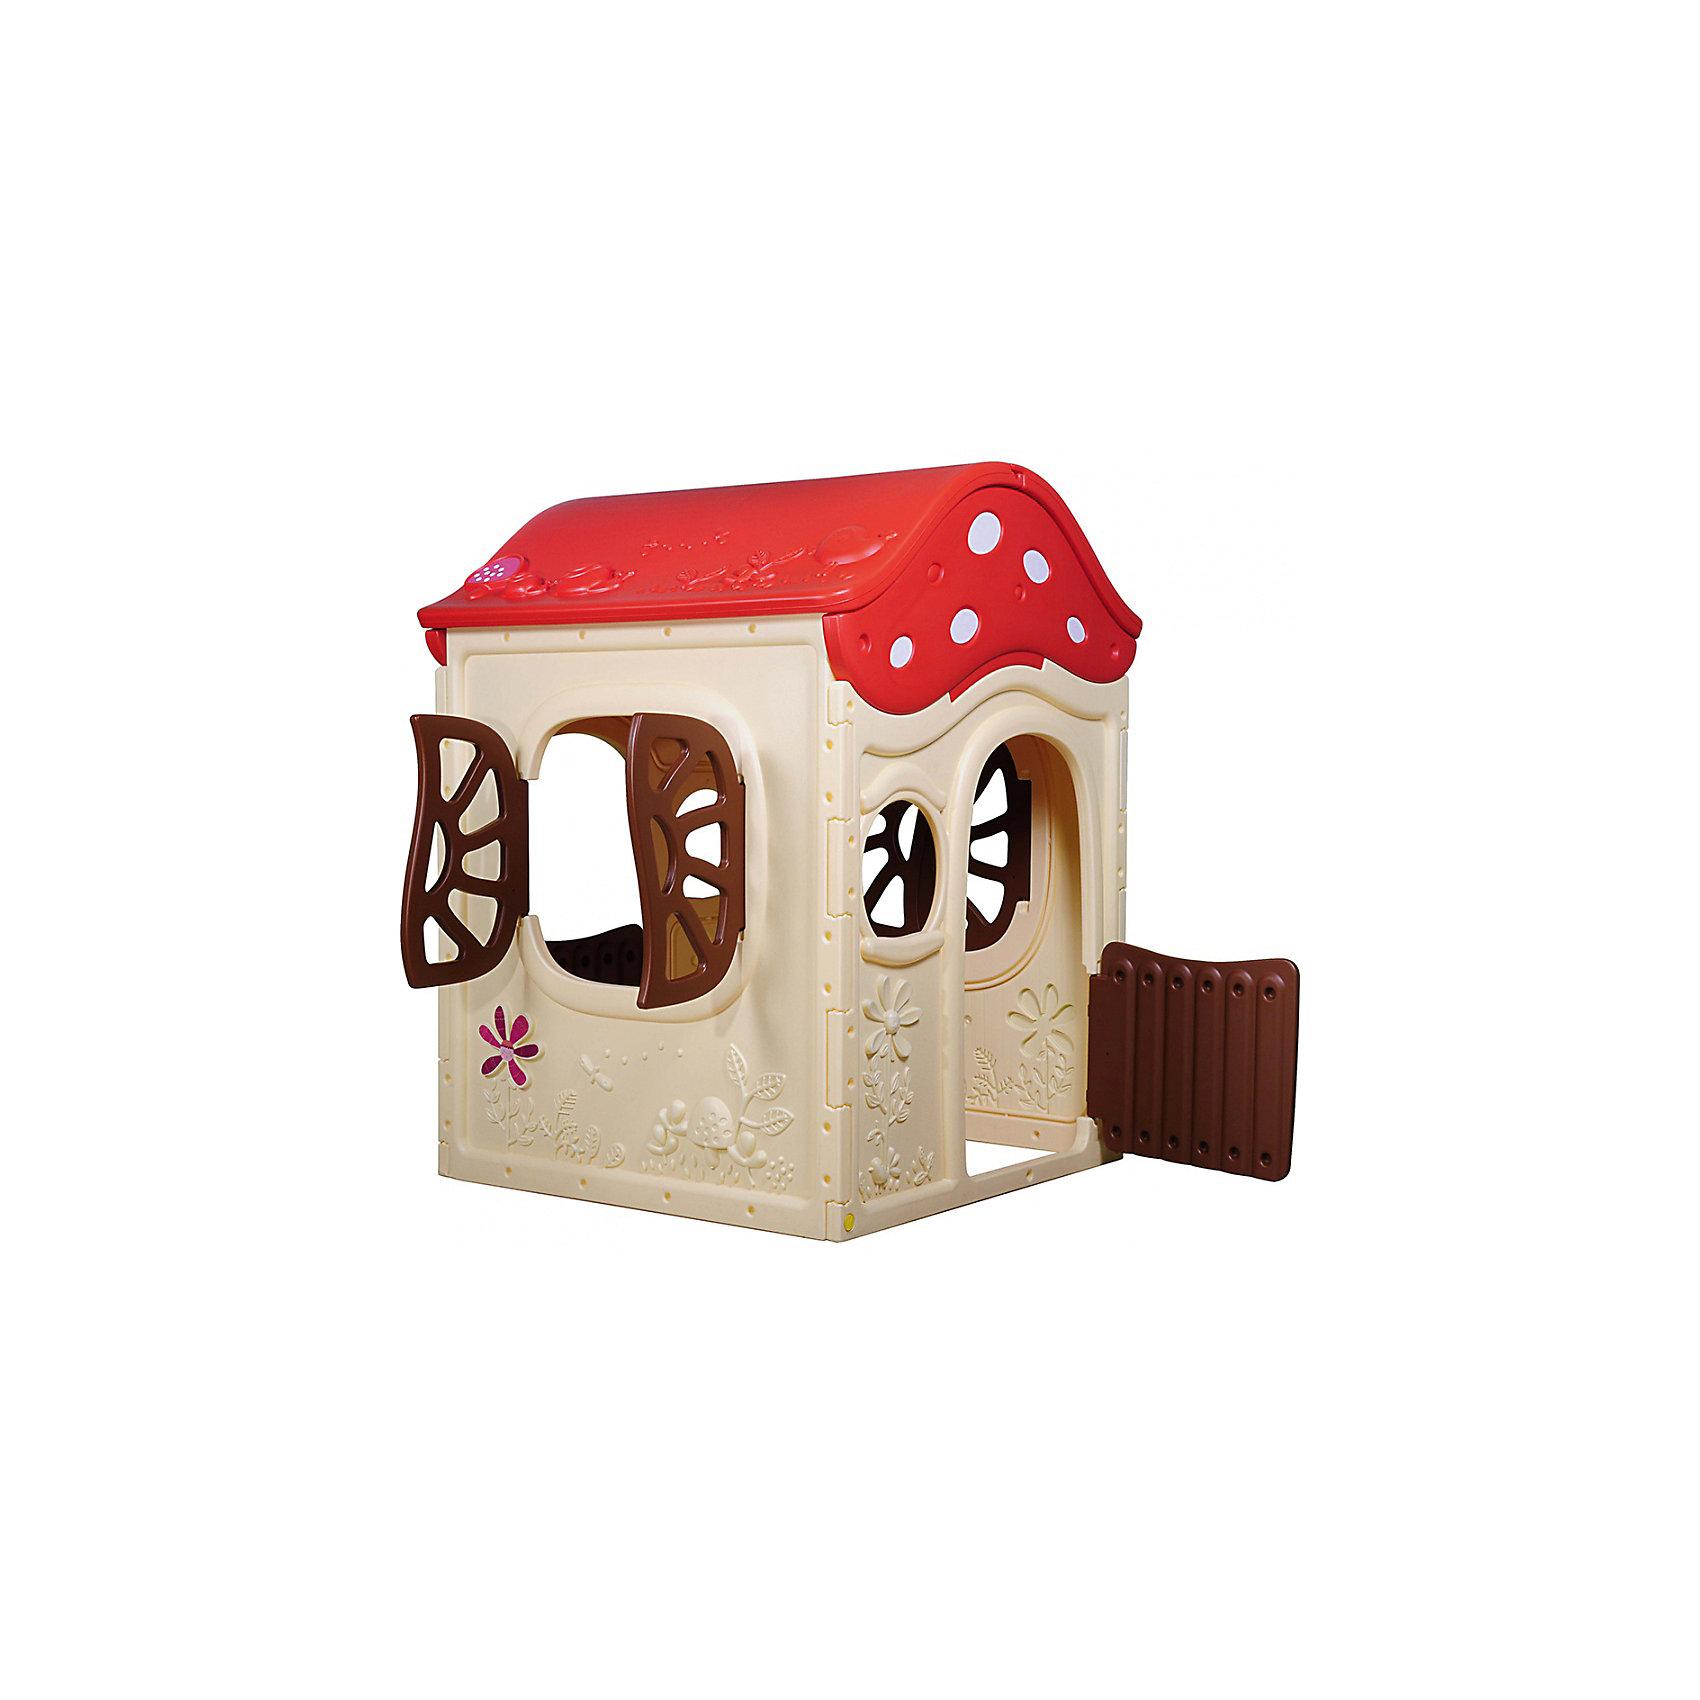 Игровой дом Грибок-теремок, 101x100x130 см, CHING CHING